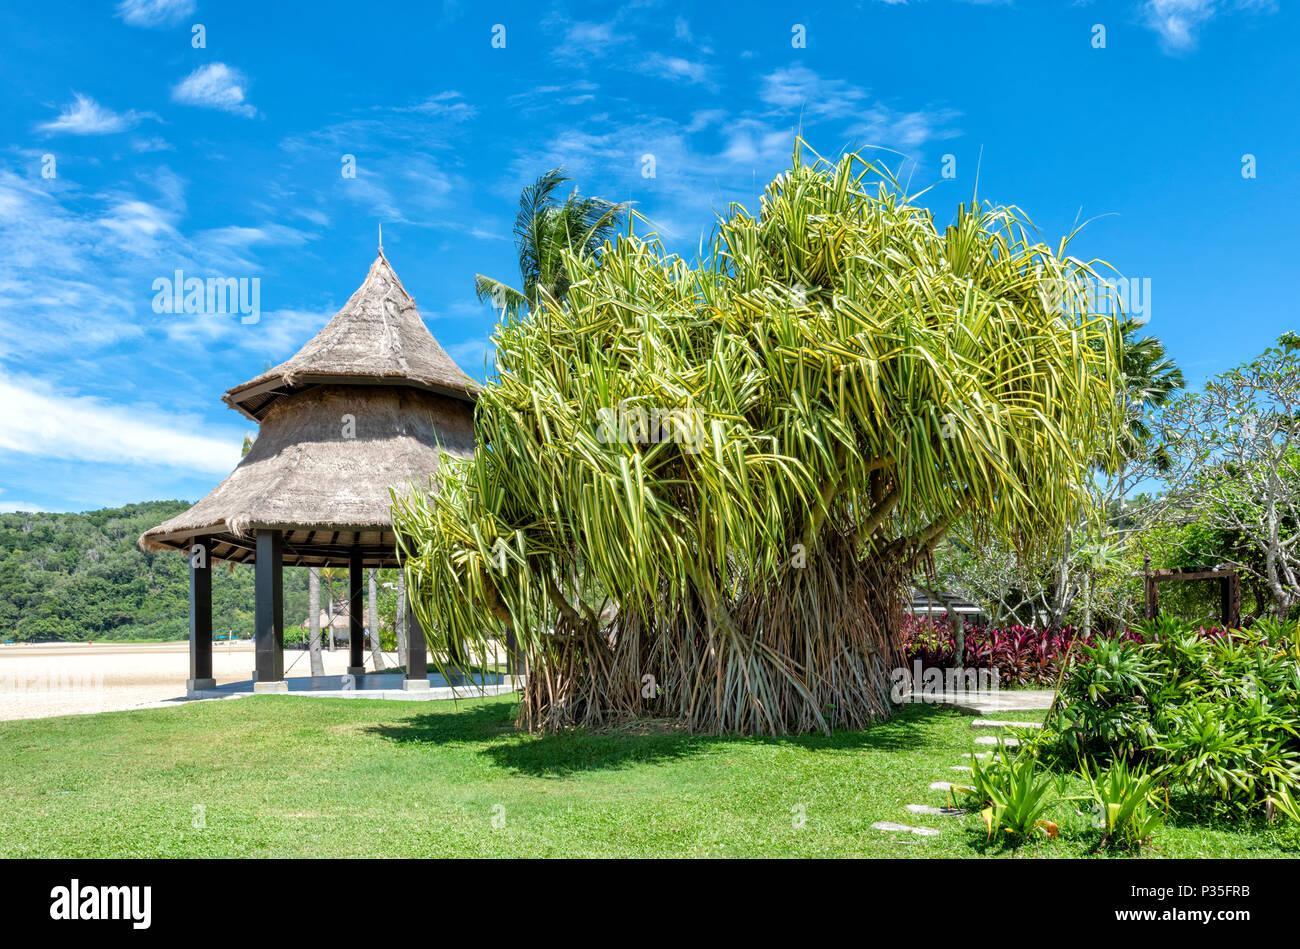 Fronte spiaggia gazebo allo Shangri La Rasa Ria Hotel e Resort in Kota Kinabalu, Borneo Malaysia Immagini Stock